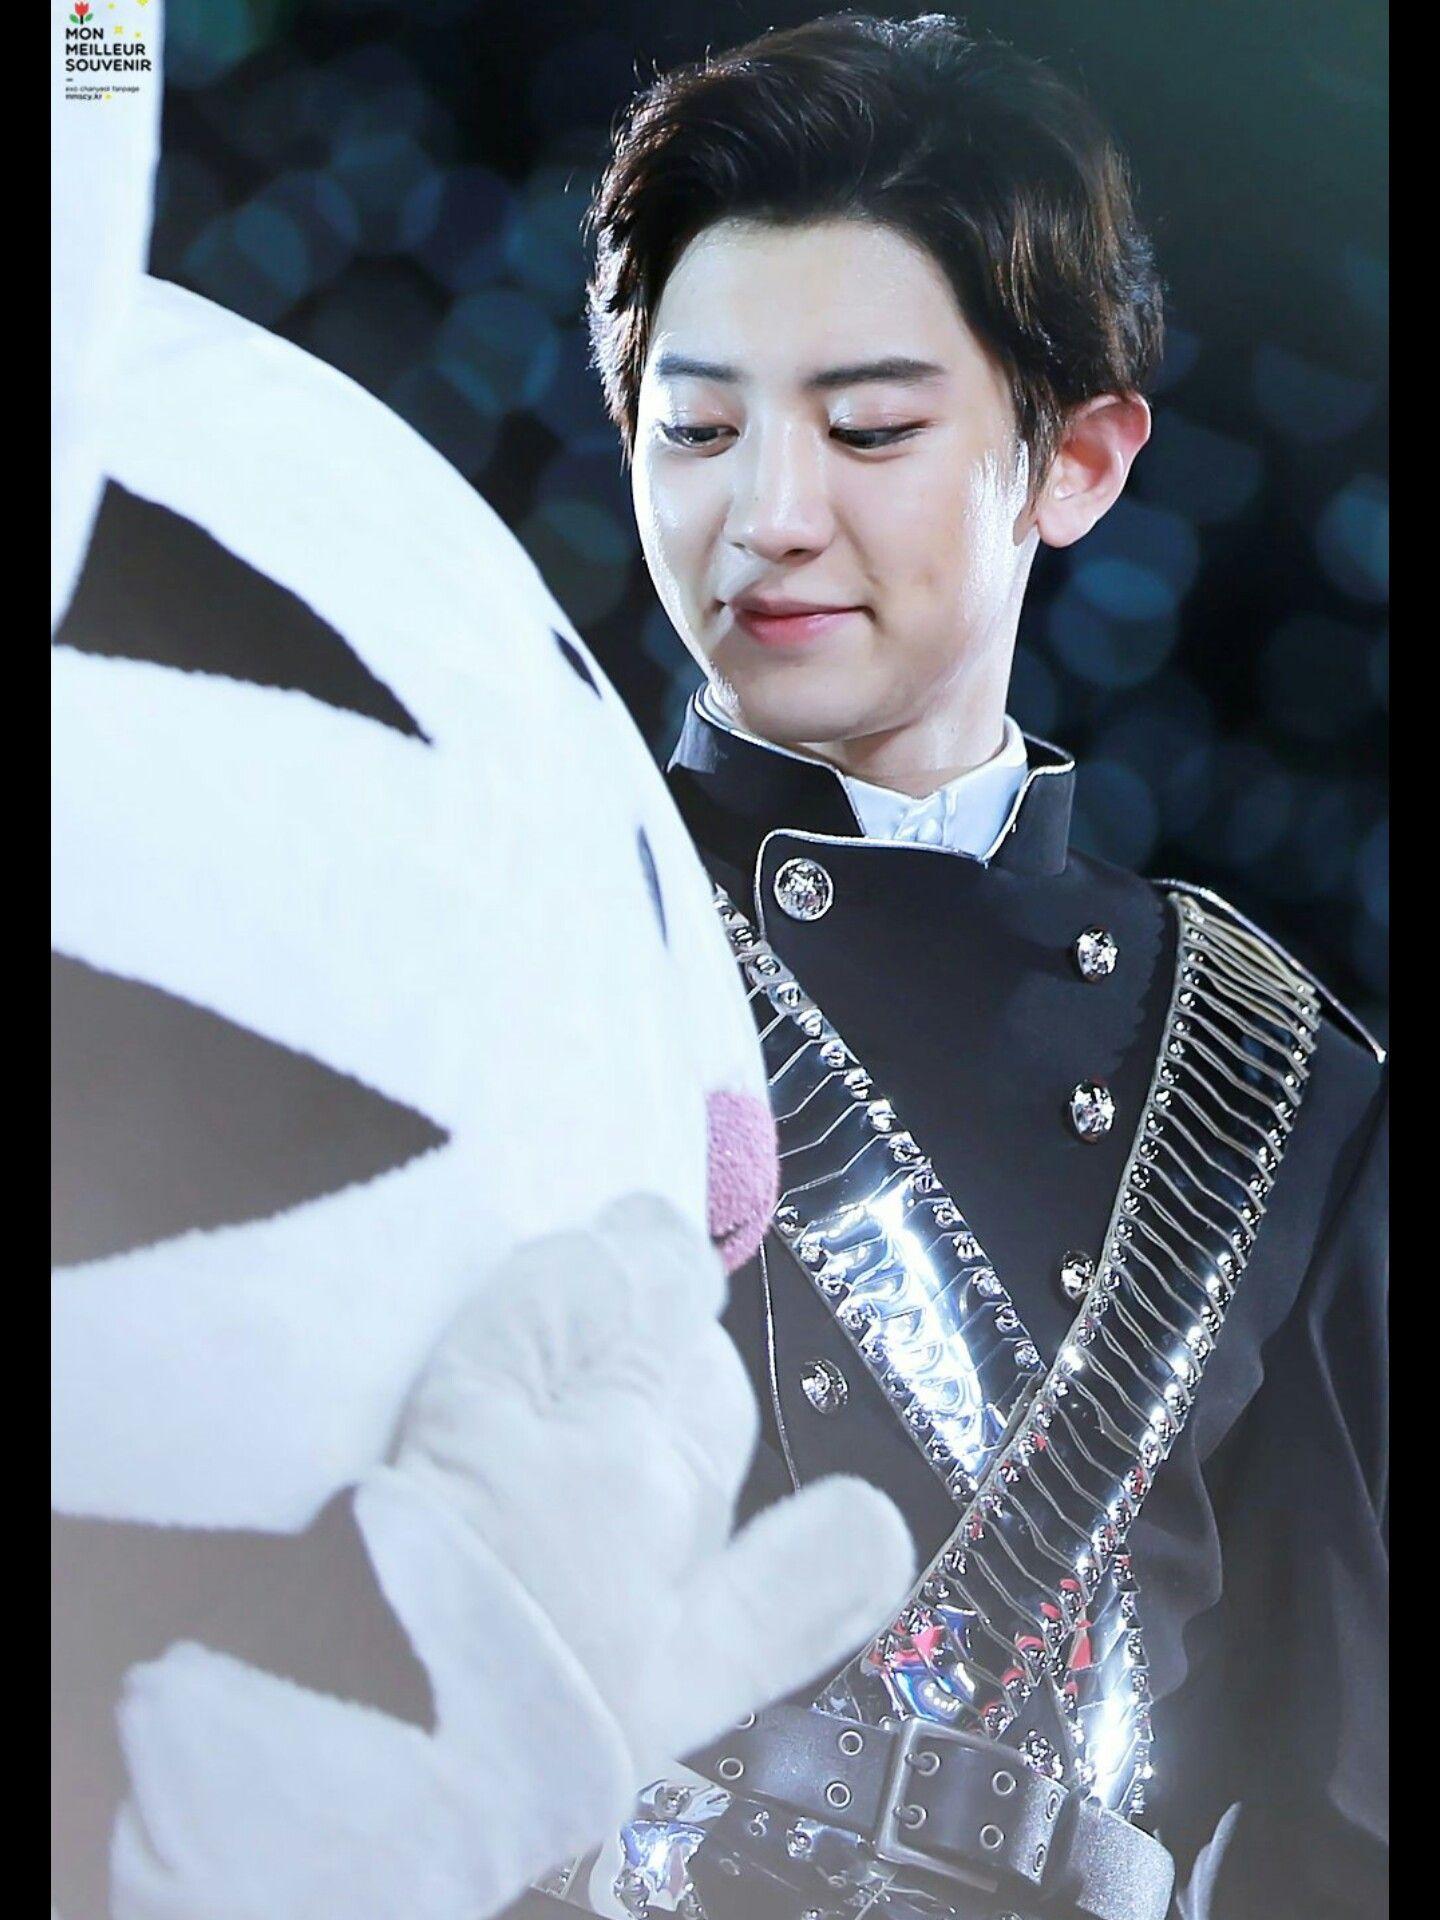 따뜻한눈빛 #170603 #드림콘서트  #EXO #EXO-L #CHANYEOL #real_pcy #박찬열 #찬열 #박배우 #朴